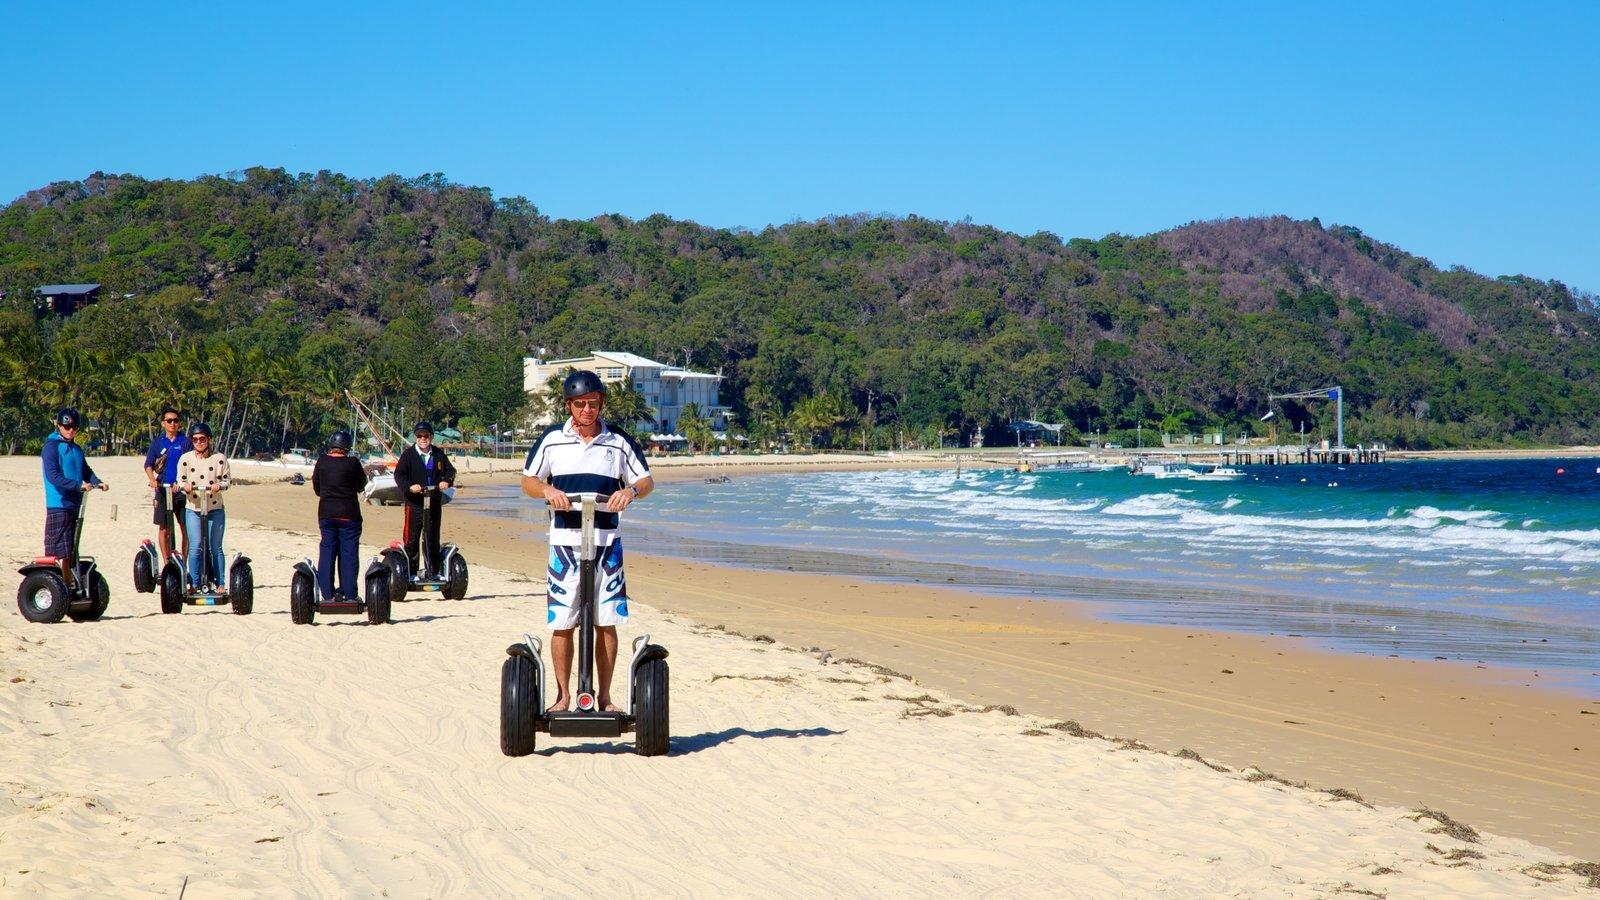 Parque nacional de Isla Moreton ofreciendo una playa y escenas tropicales